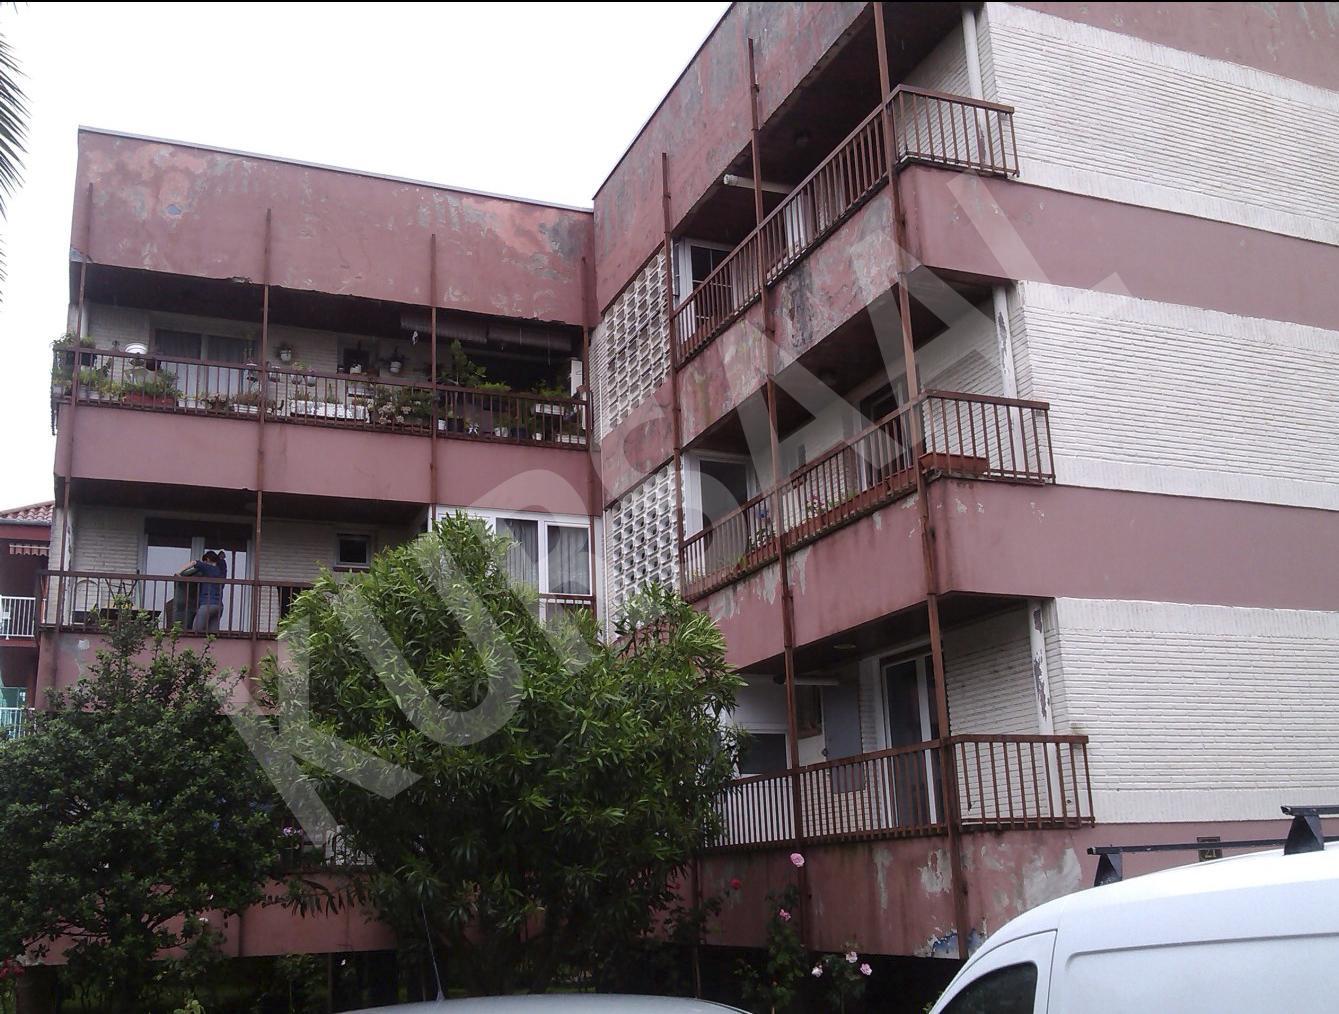 foto 3 - Aislamientos Térmicos y Eficiencia Energética-Belizalde 21-Donostia